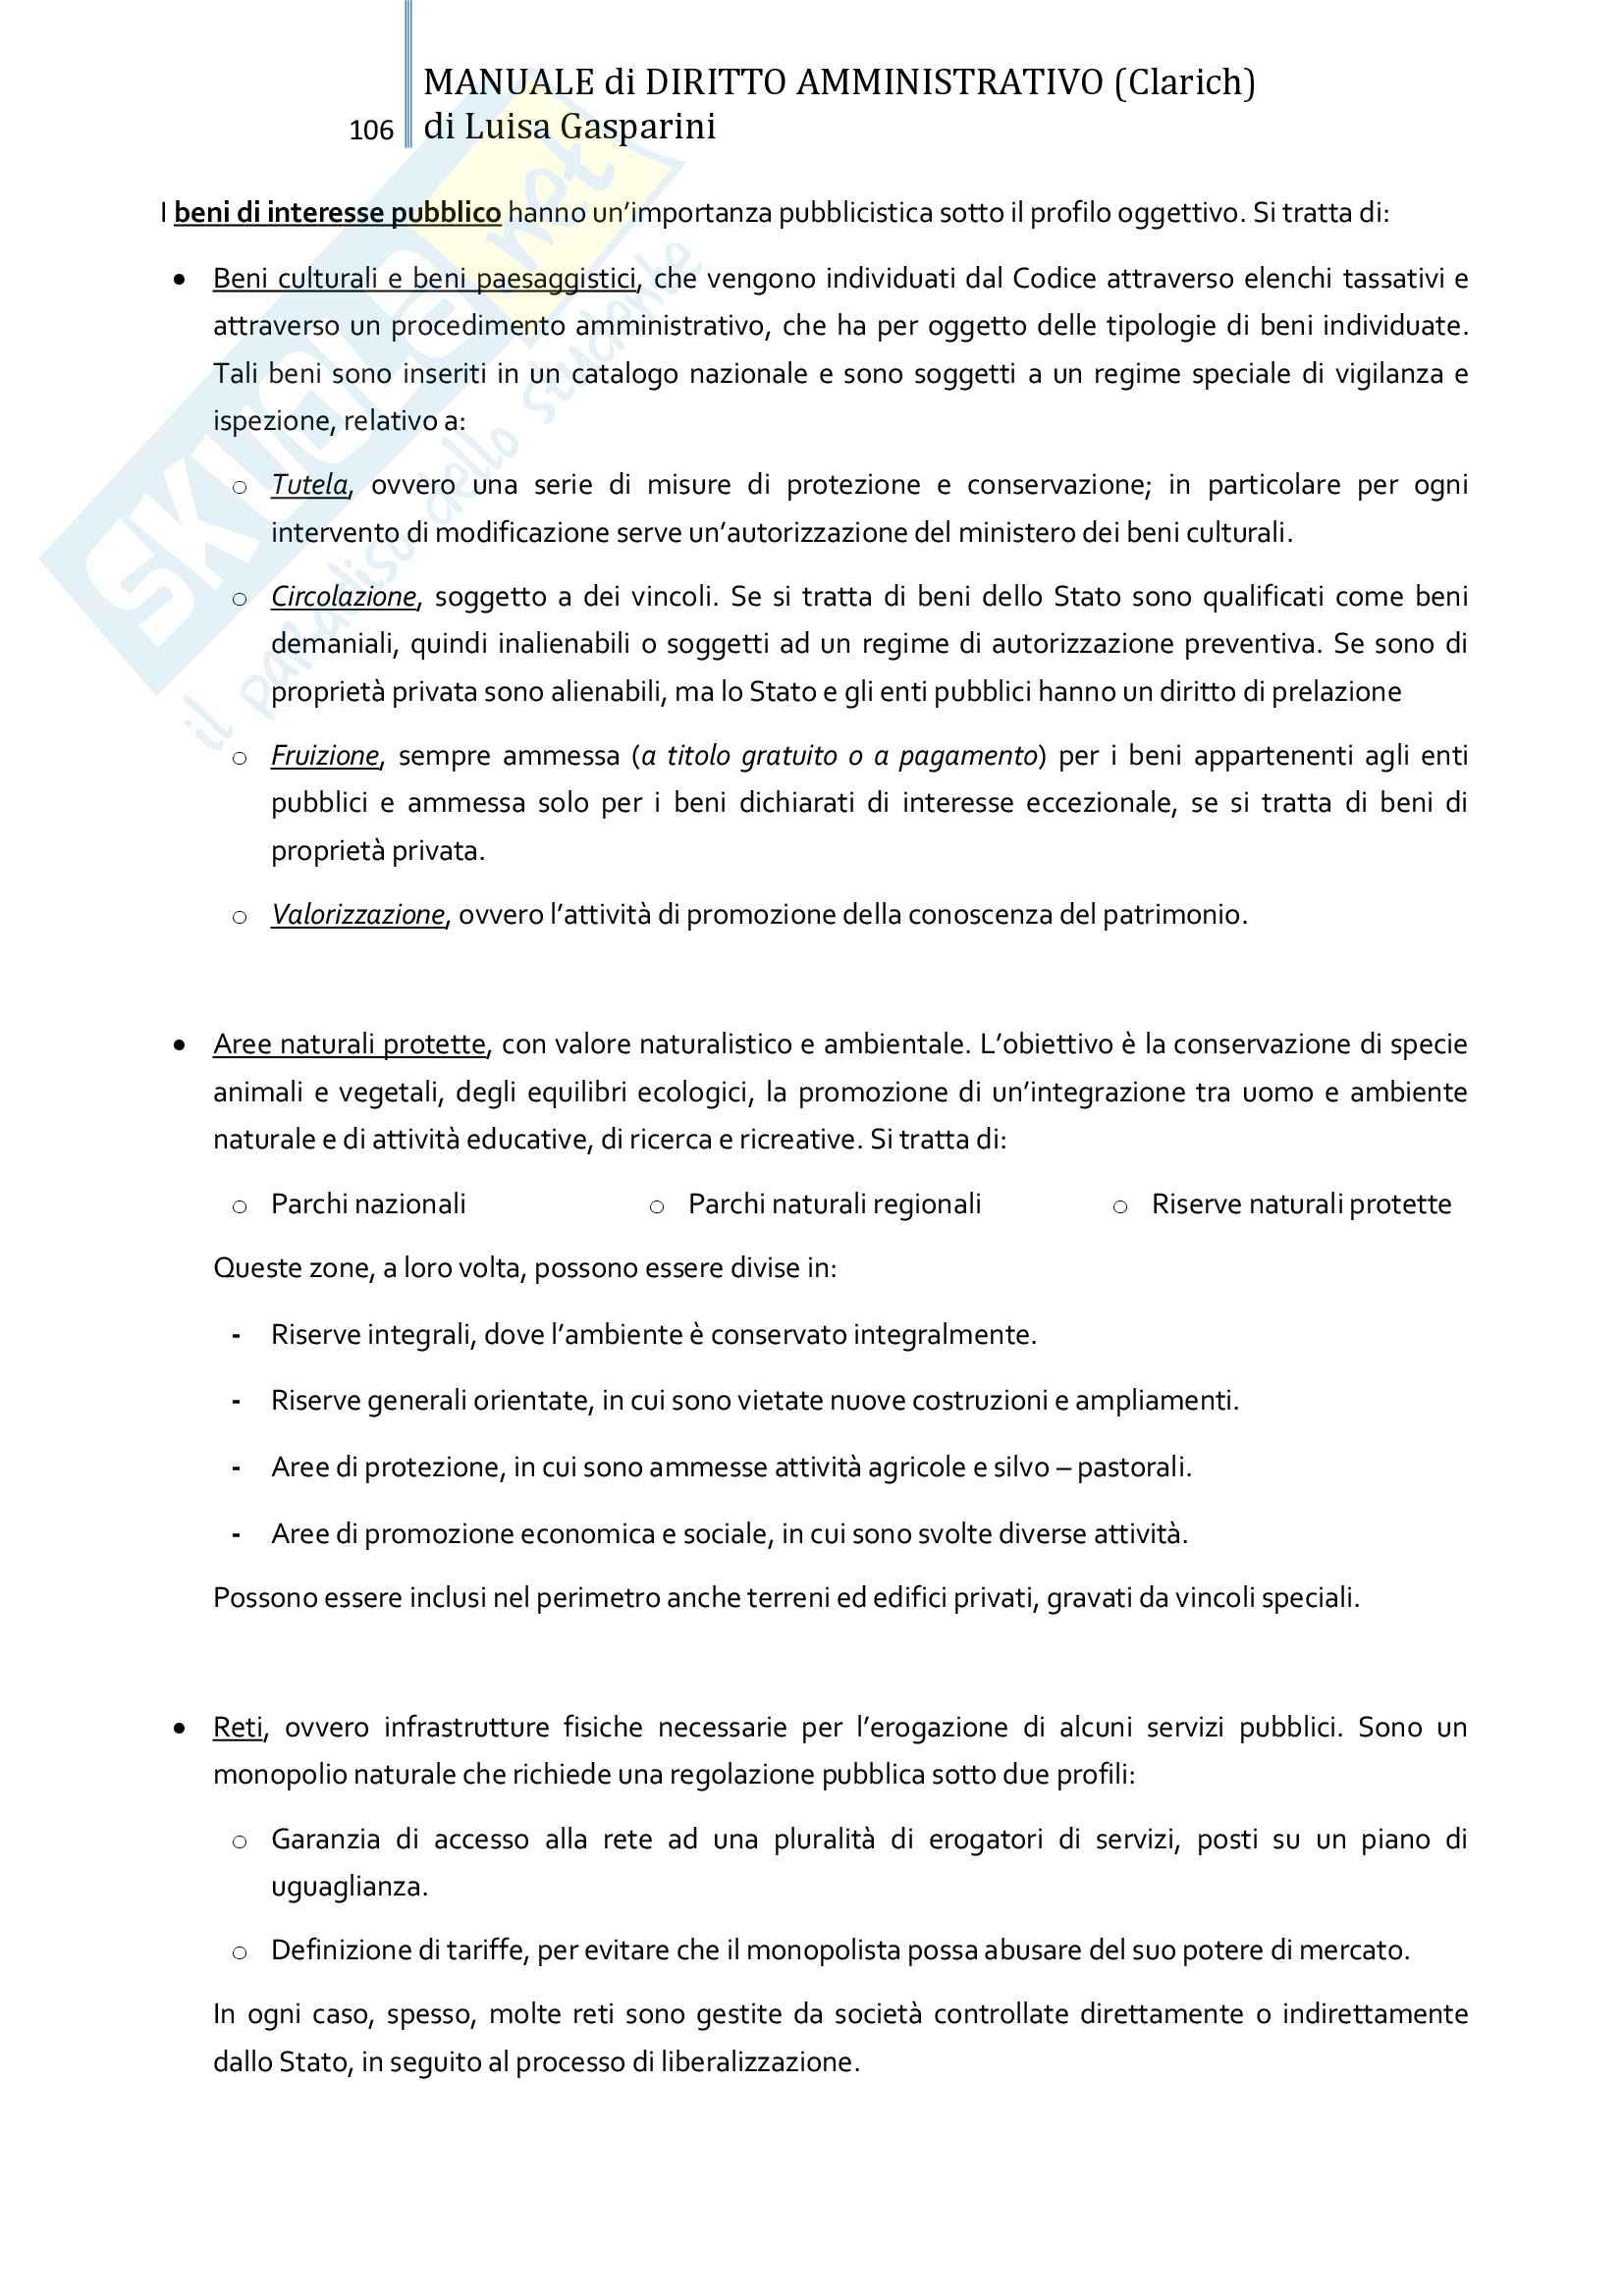 Riassunto esame Diritto amministrativo, professor Leonardi. Testo consigliato Manuale di Diritto Amministrativo, Clarich Pag. 106